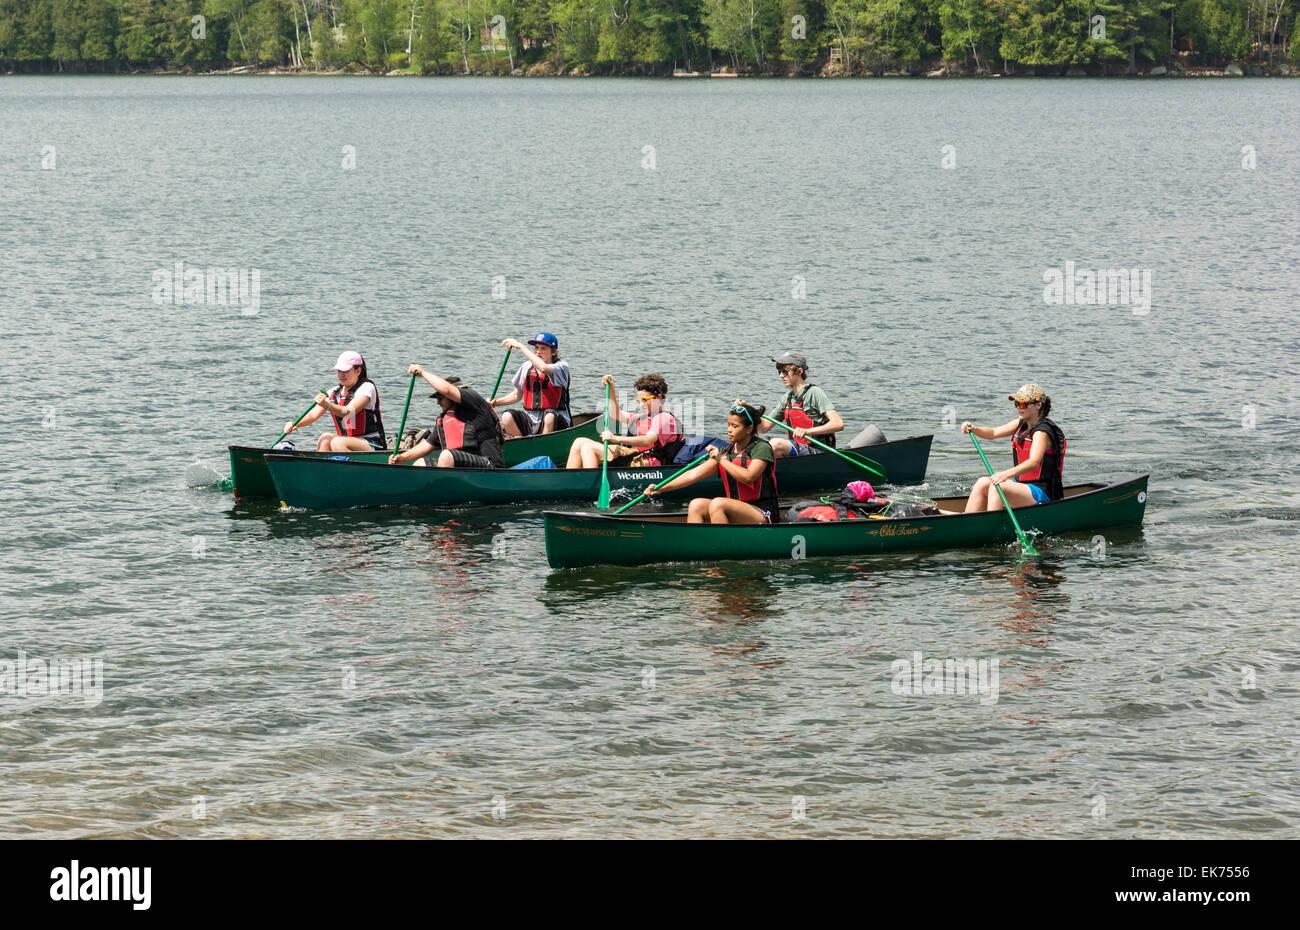 New York, Adirondack Park, canoe, canoa, canoeist paddling, paddle Immagini Stock